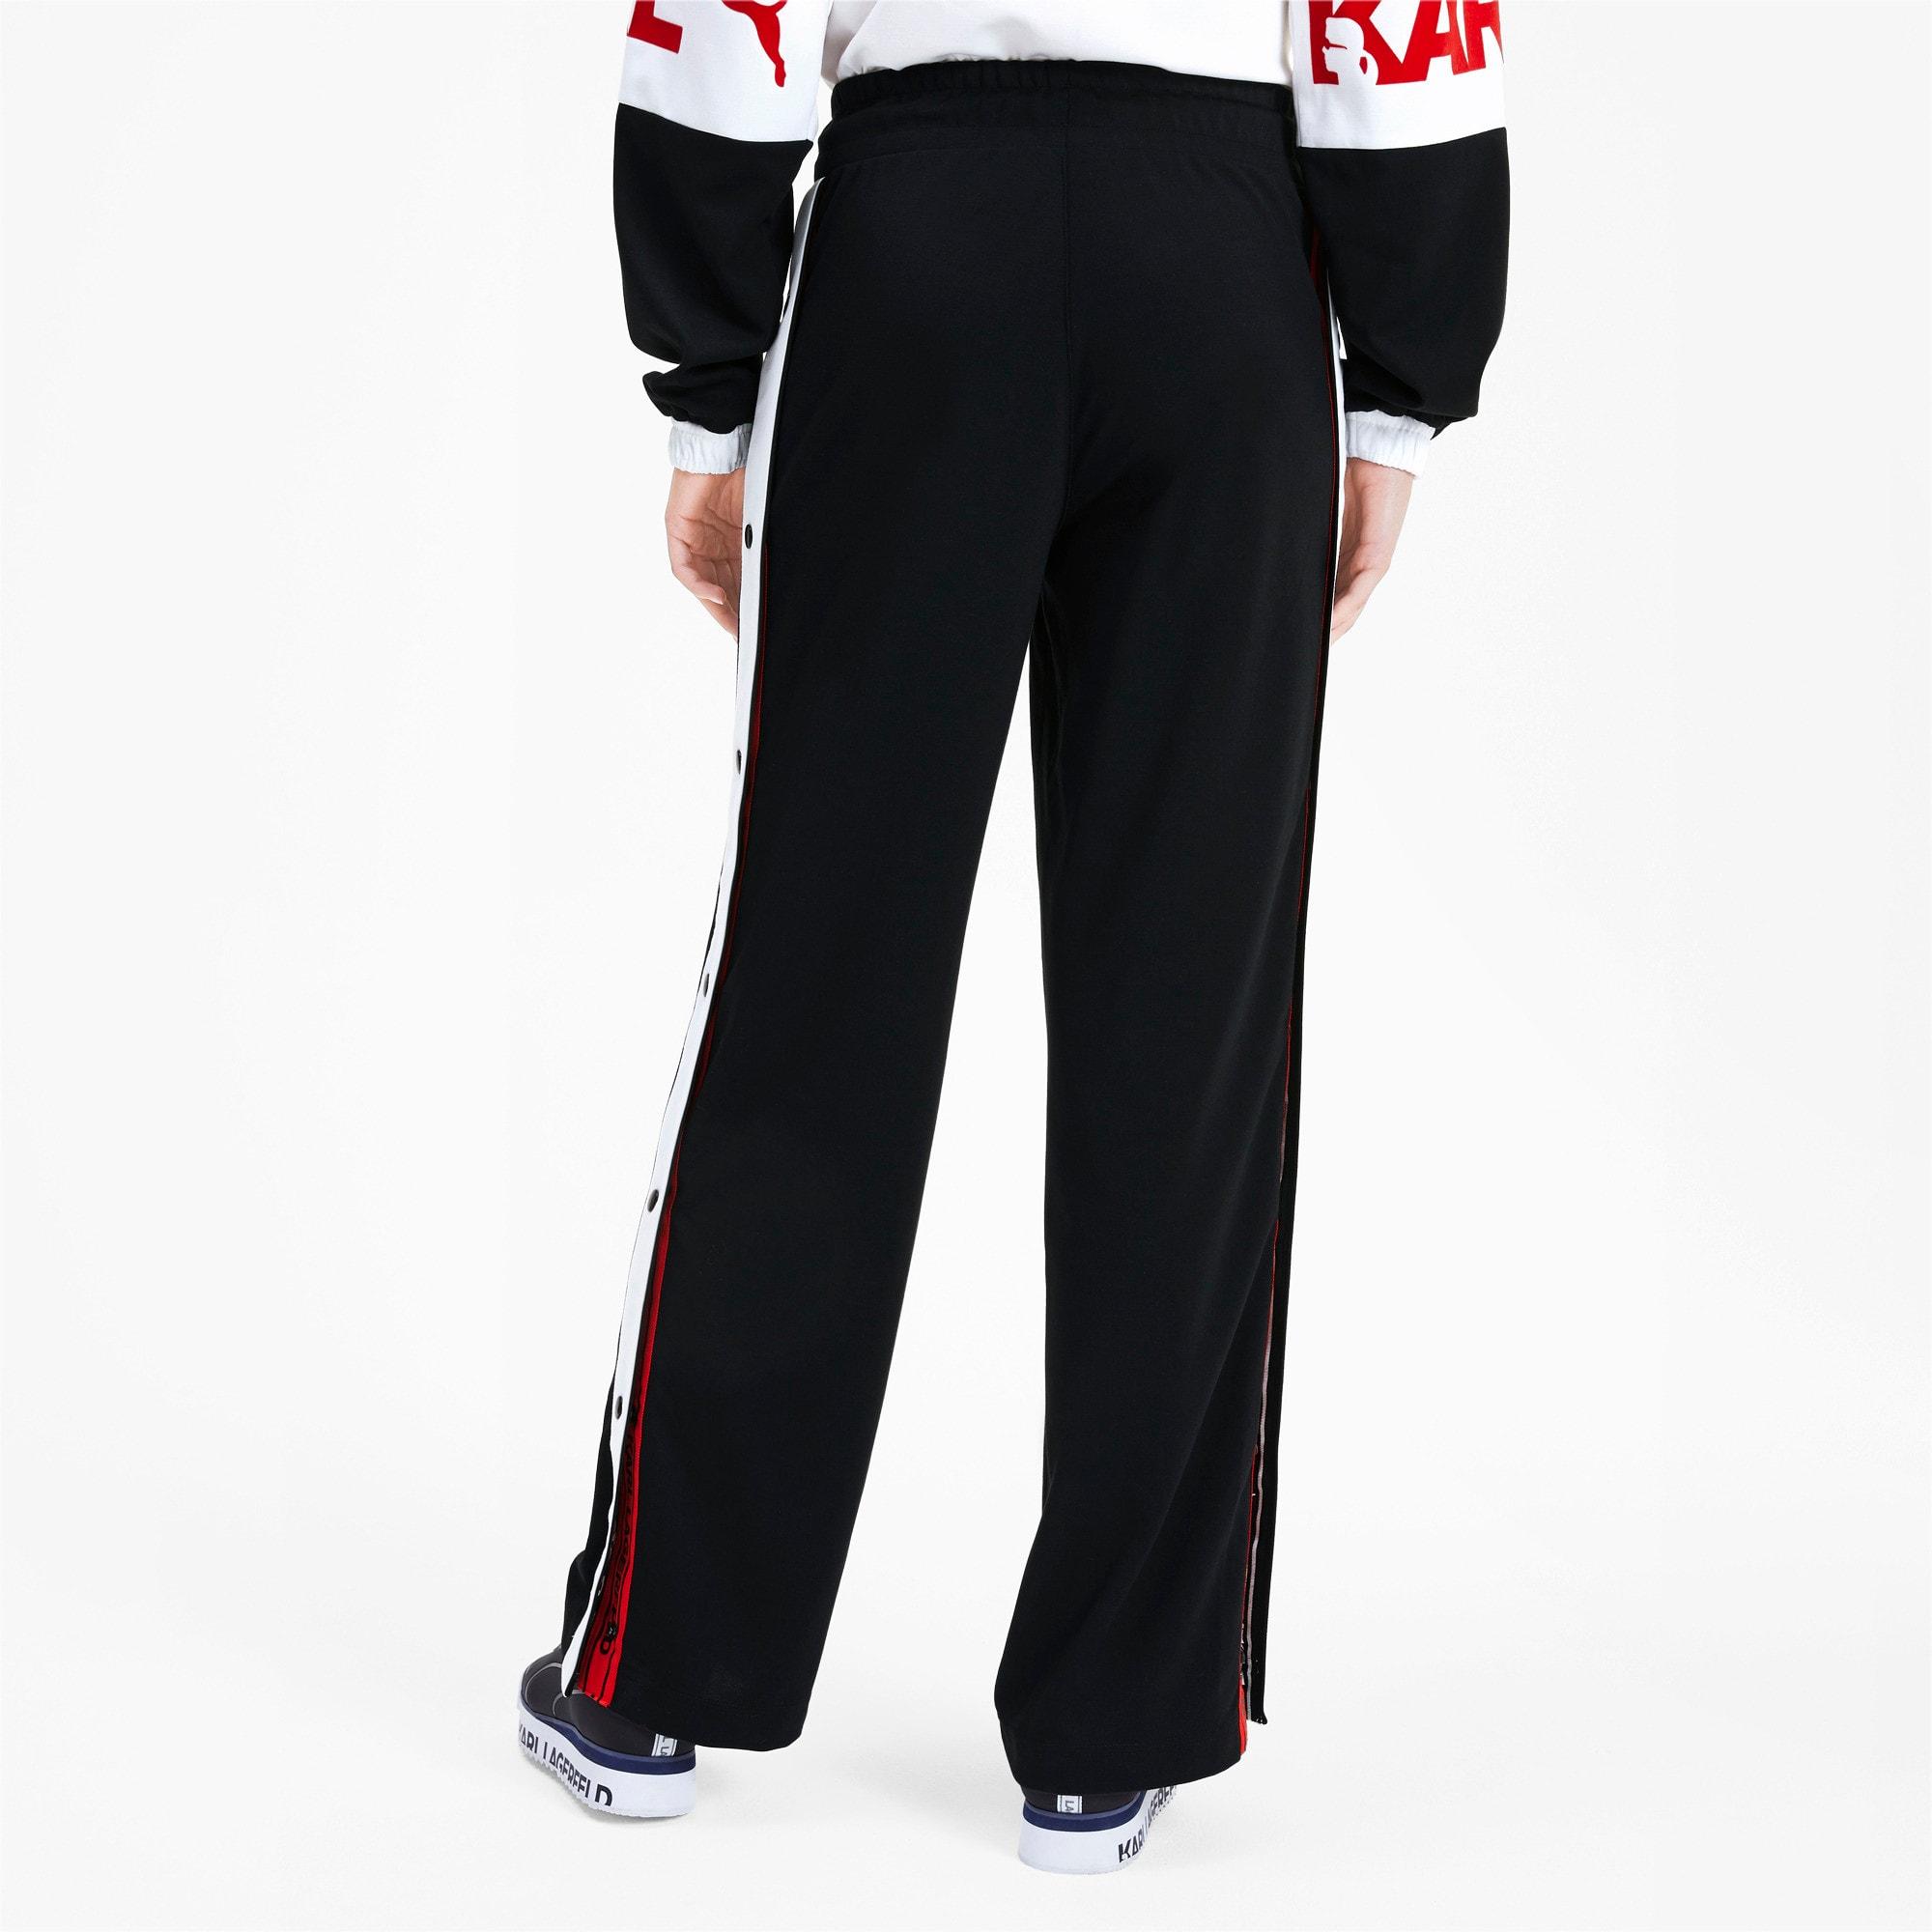 Anteprima 2 di PUMA x KARL LAGERFELD Knitted Women's Wide Pants, Puma Black, medio